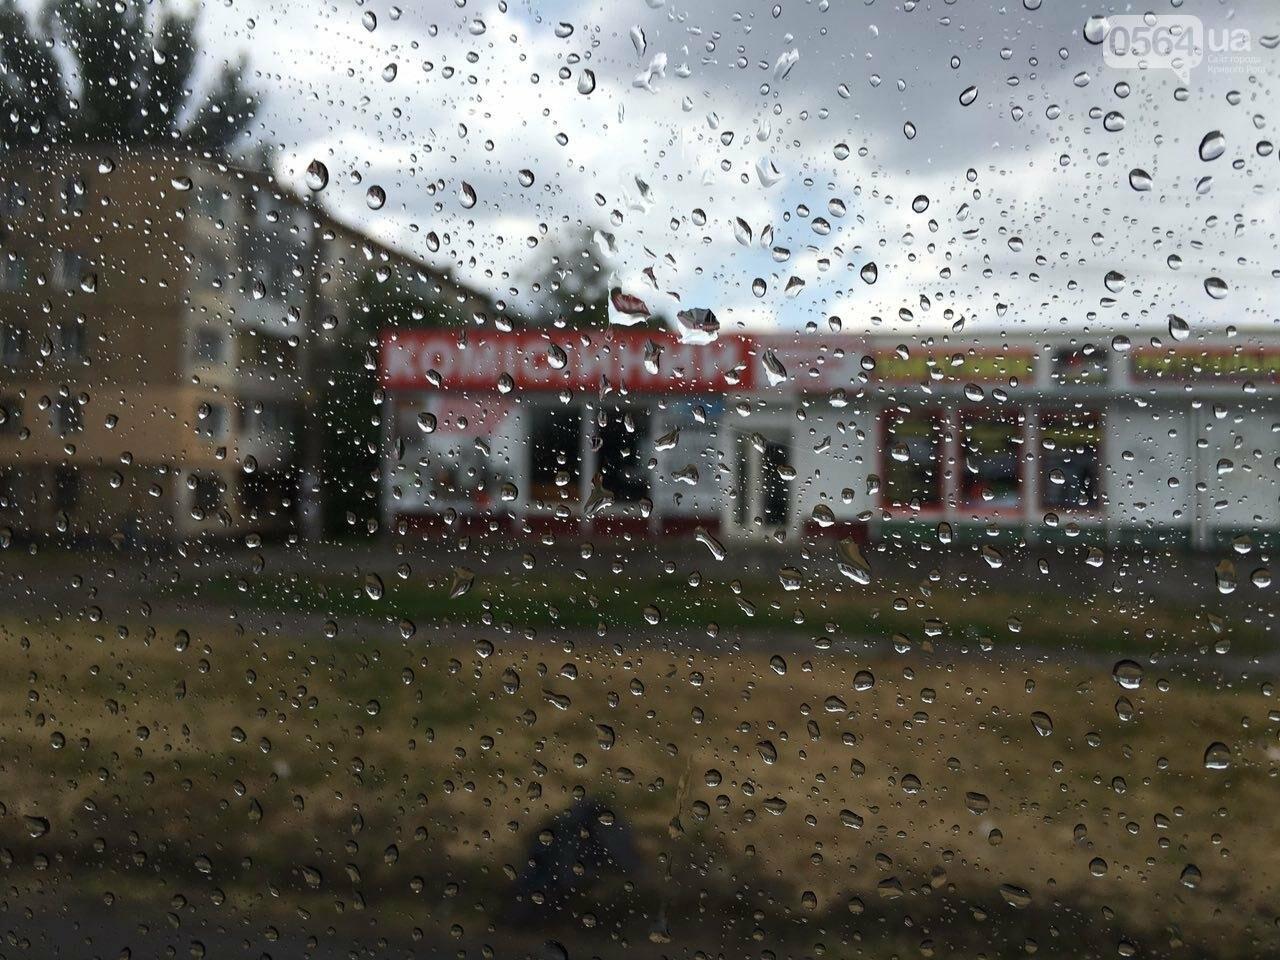 Маршрут дождя: В Кривом Роге в одних районах льет ливень, в других ярко светит солнце, - ФОТО, фото-12